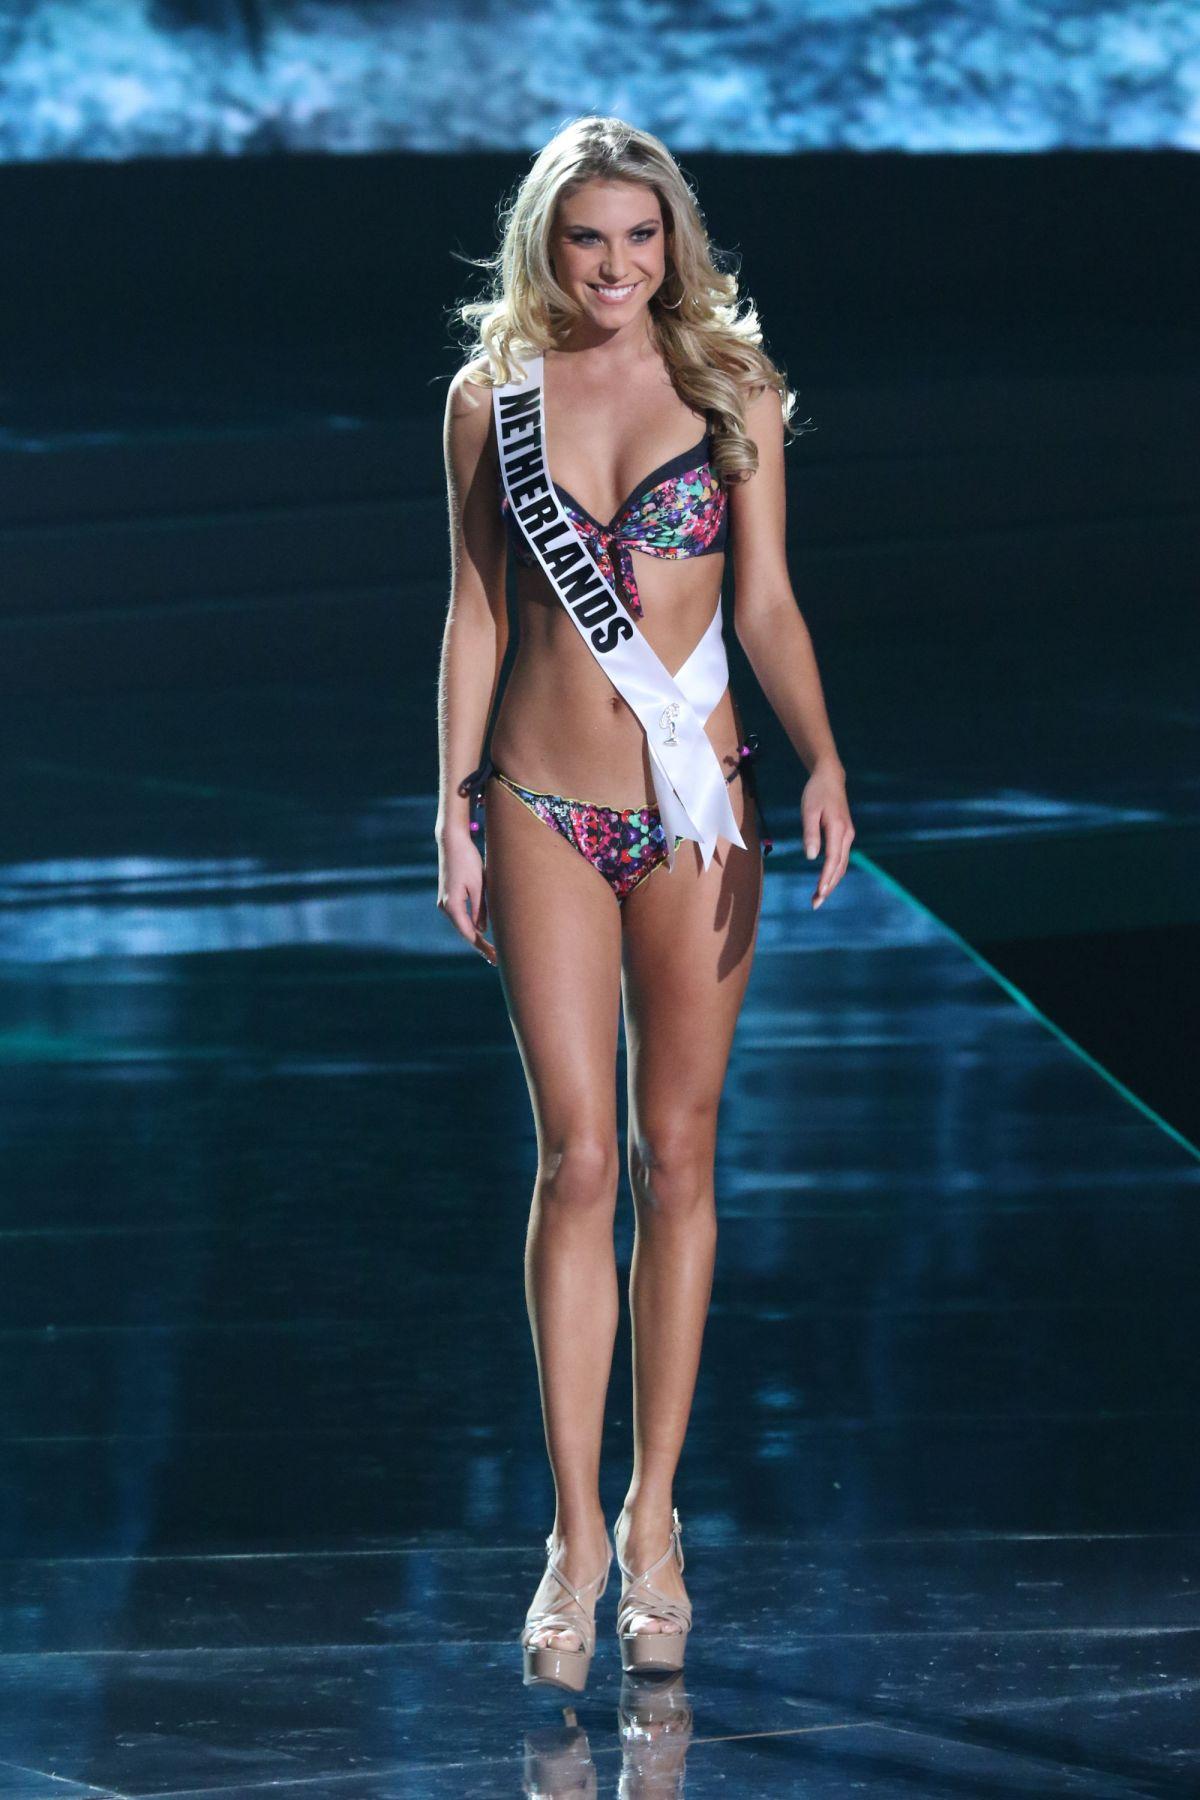 JESSIE JAZZ VUIJK - Miss Universe 2015 Preliminary Round 12/16/2015